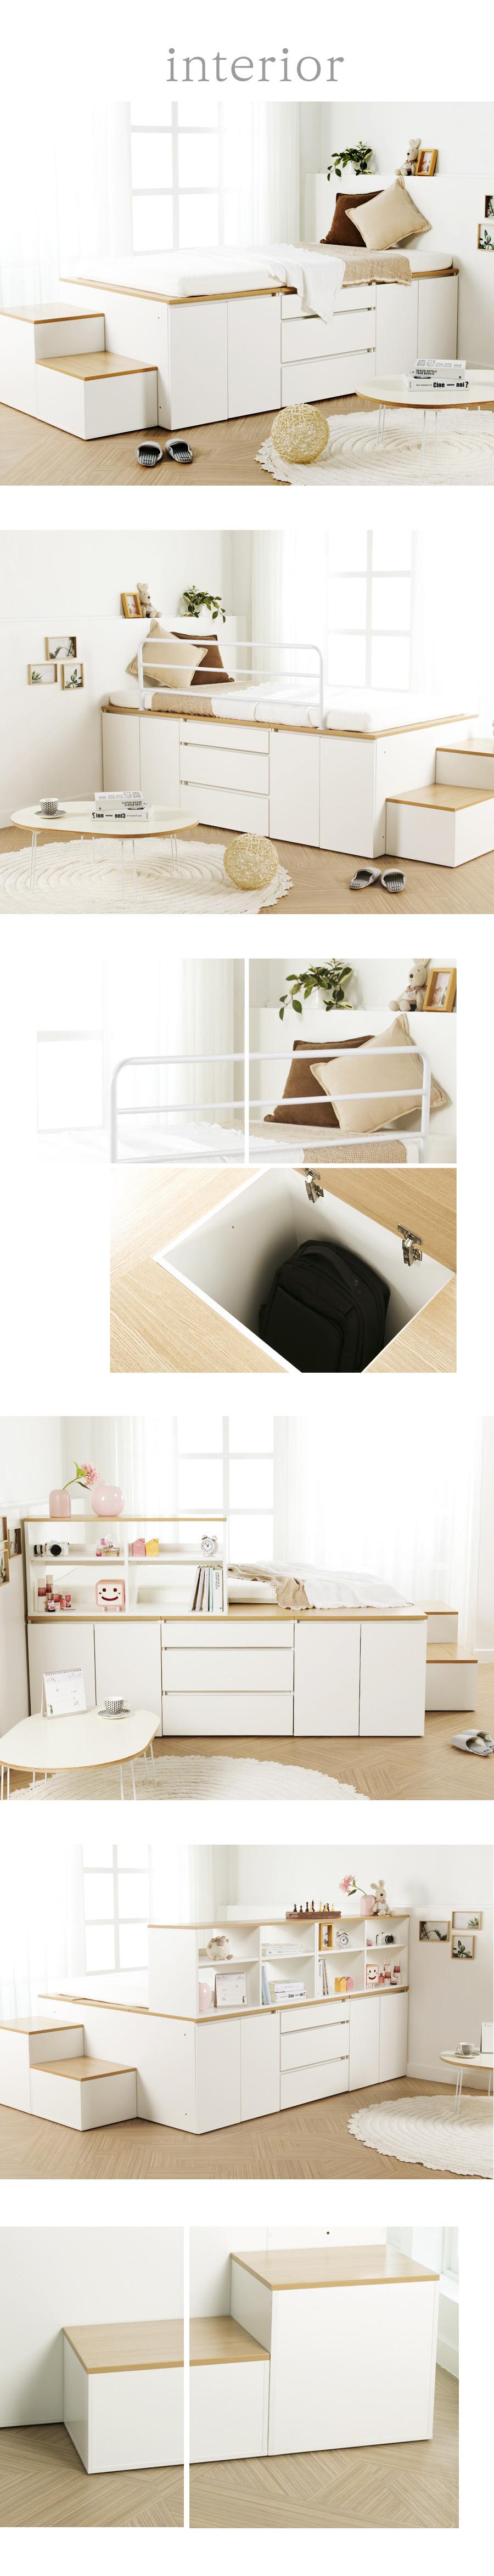 04-1_interior.jpg